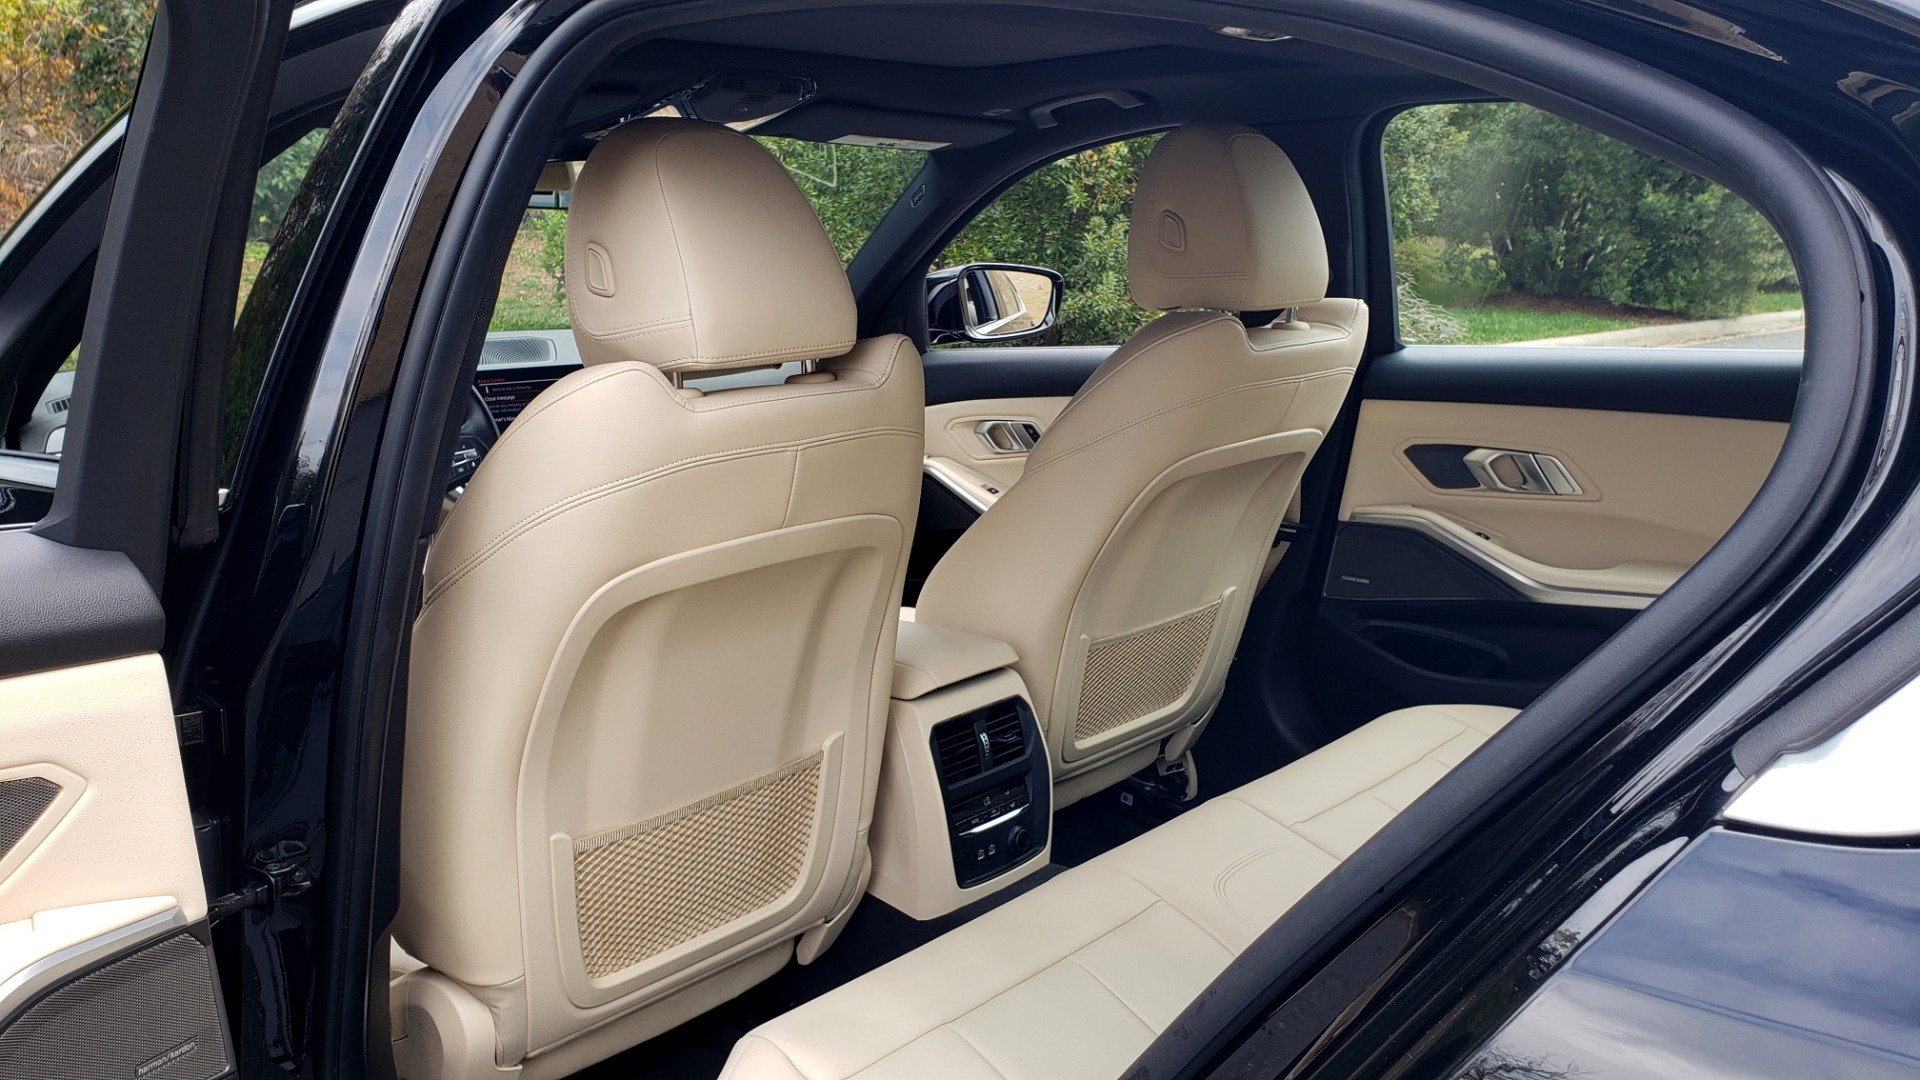 Used 2019 BMW 3 SERIES 330I PREM PKG / NAV / CONV PKG / H&K SND / LIVE COCKPIT PRO for sale Sold at Formula Imports in Charlotte NC 28227 65